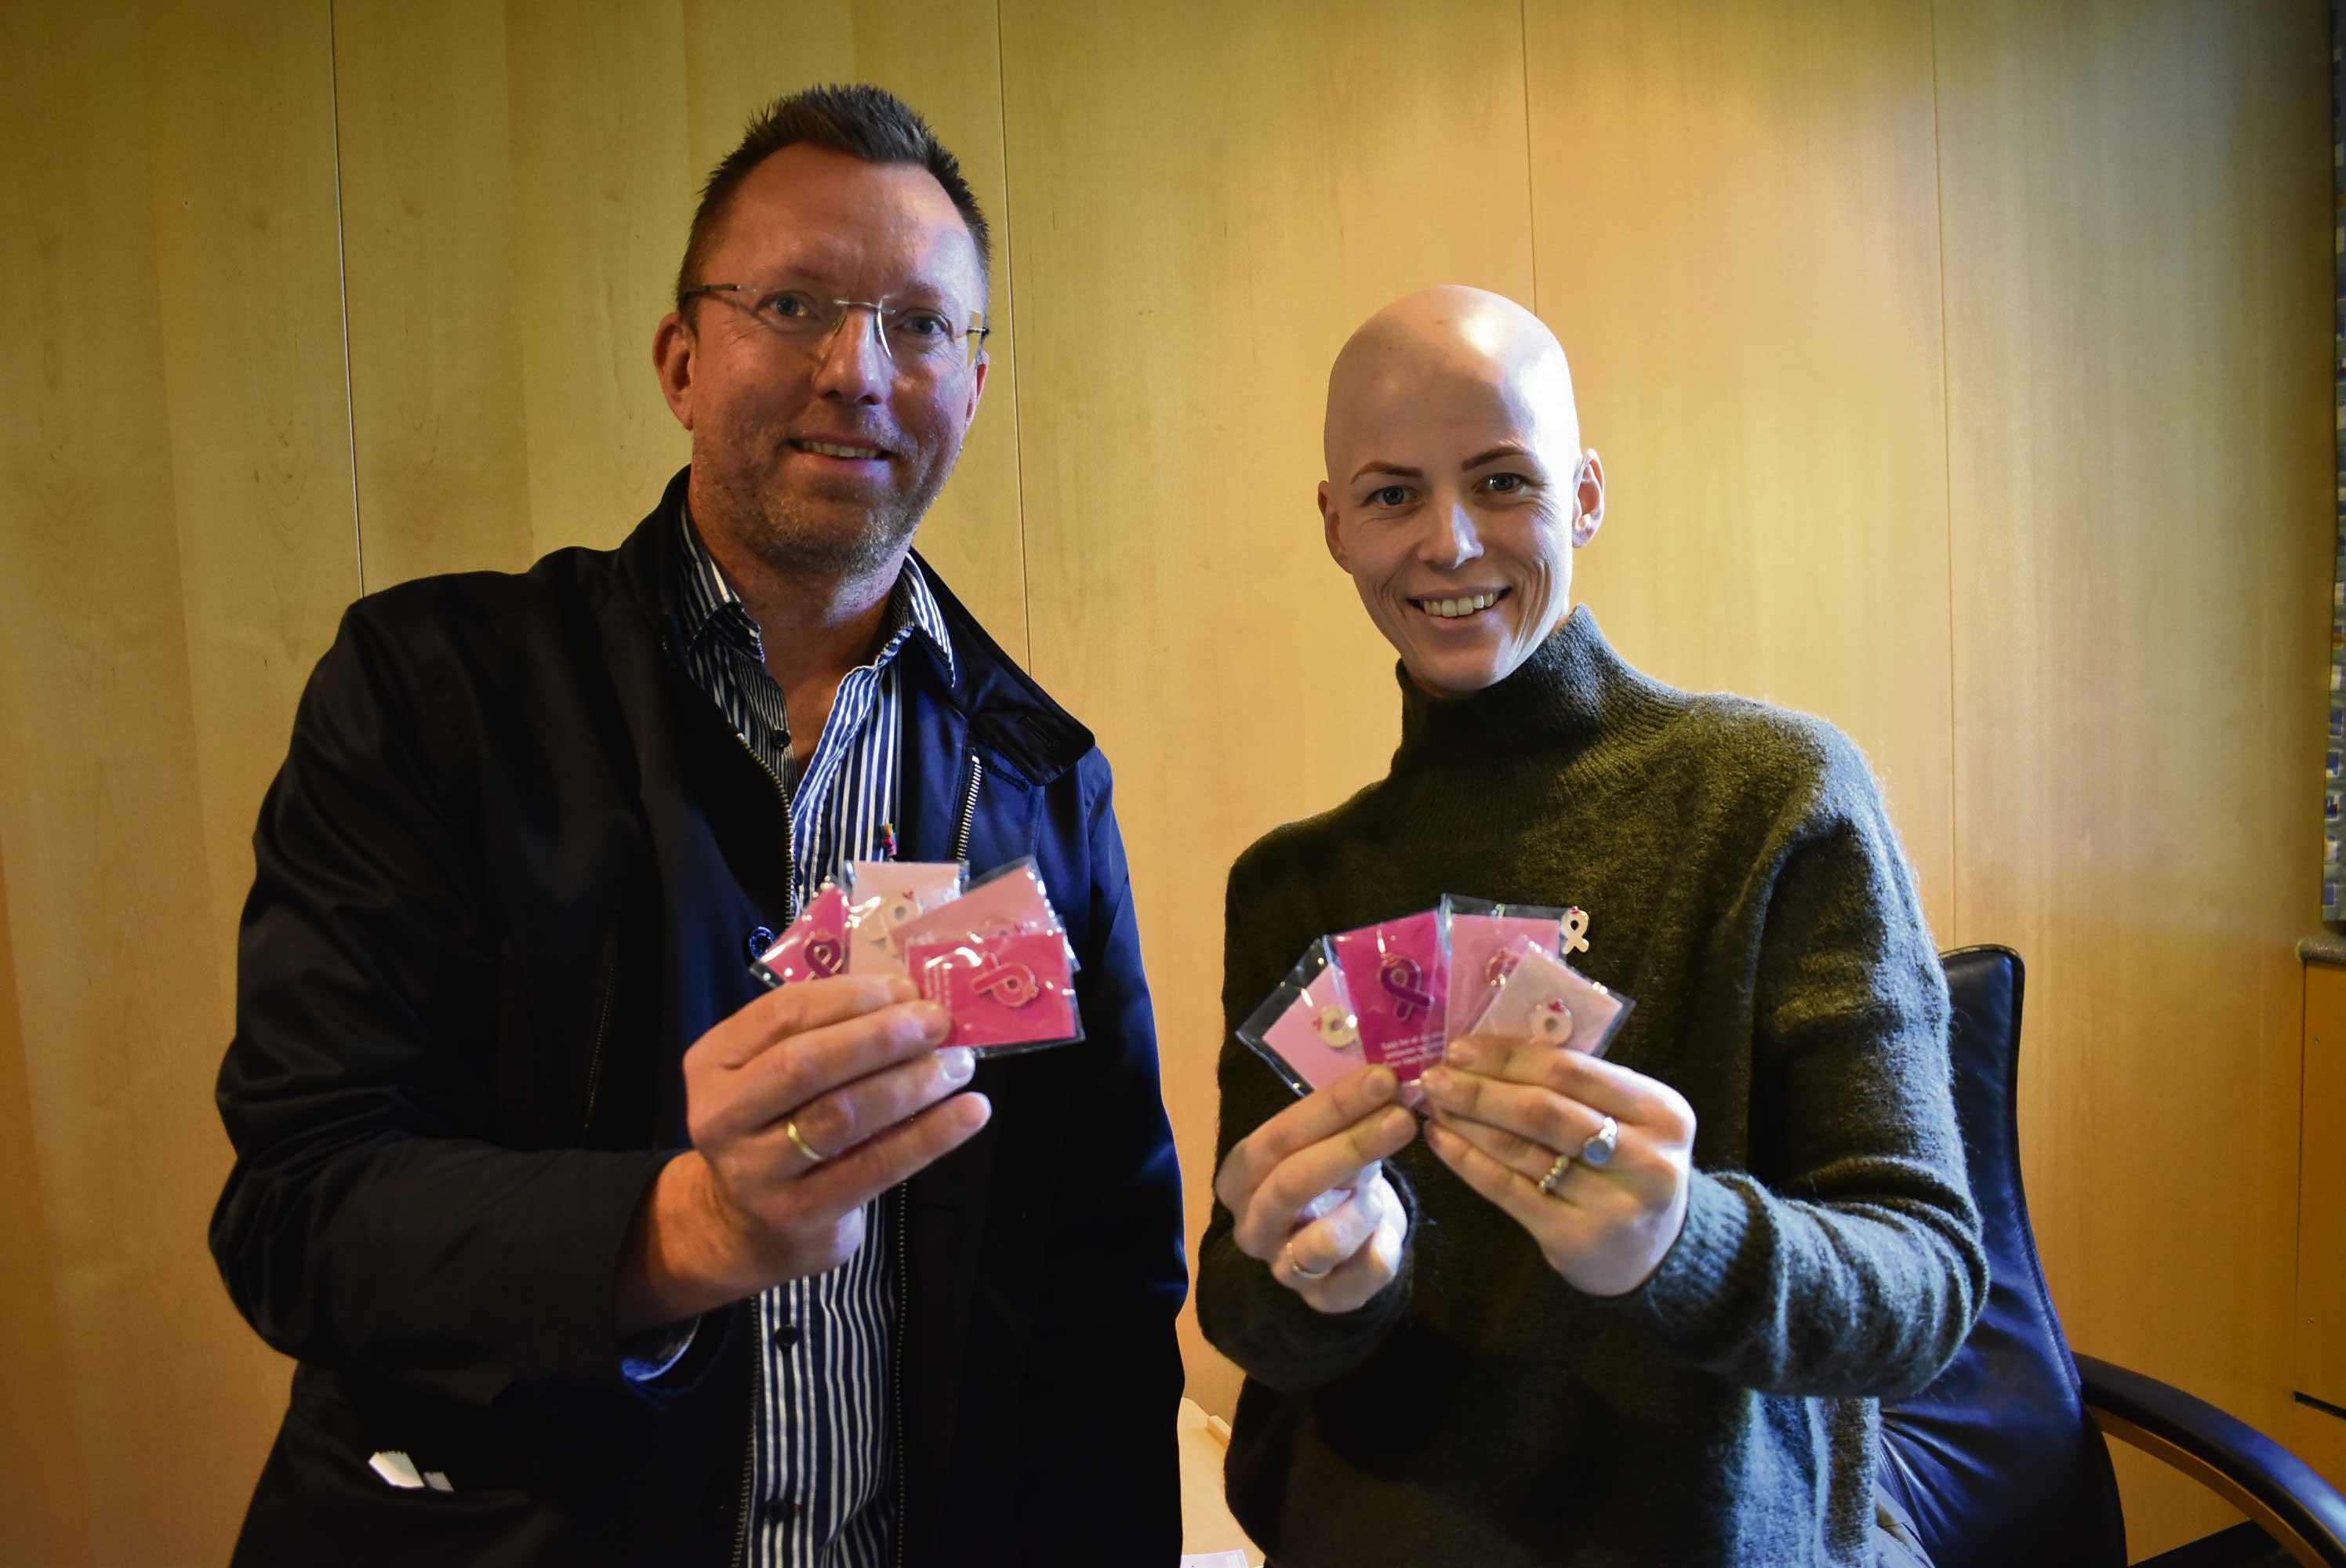 ROSA SLØYFE: Geir O. Wehus Fra Kreftforeningen Og Christine Irene Sævig Er Sammen Om Rosa Sløyfe-aksjonen.